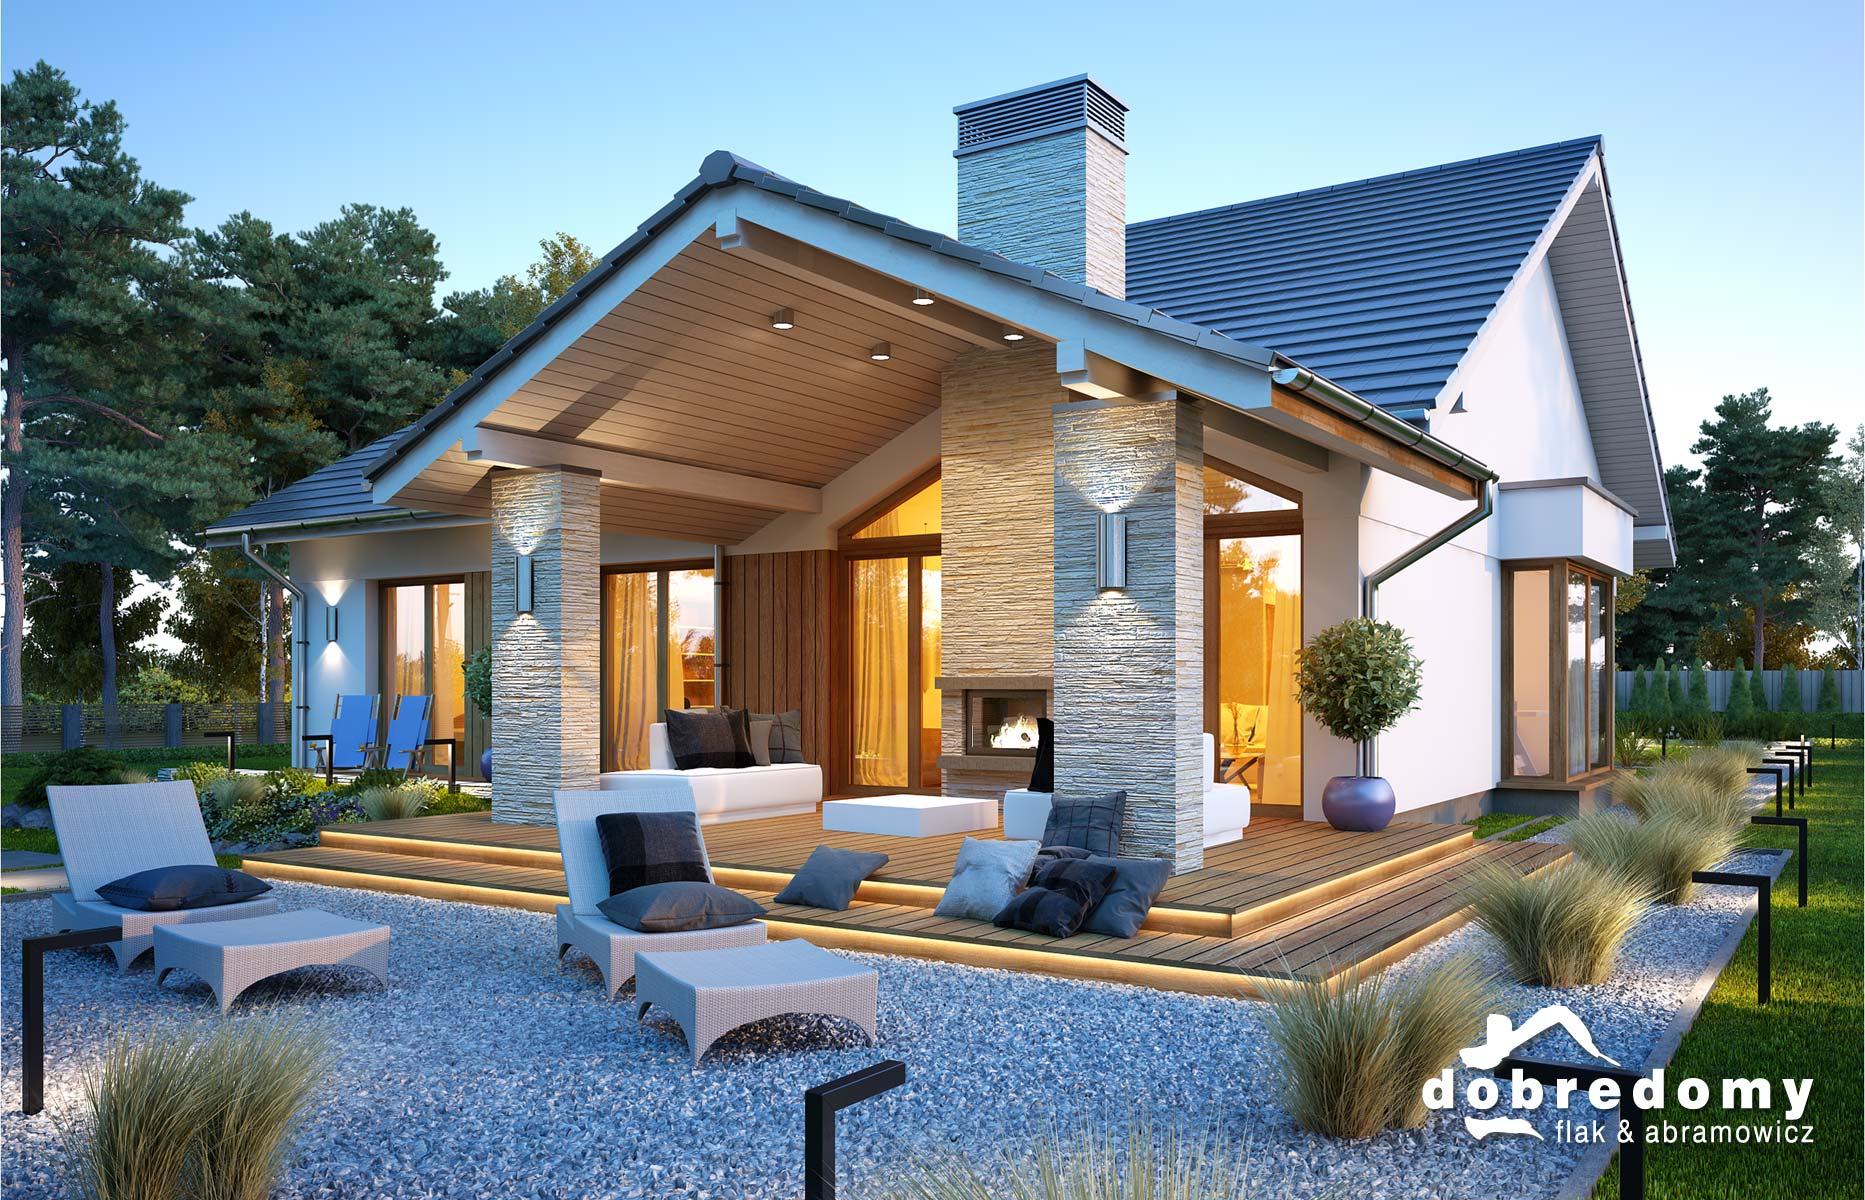 Projekty domów piętrowych - Dobre Domy Flak & Abramowicz